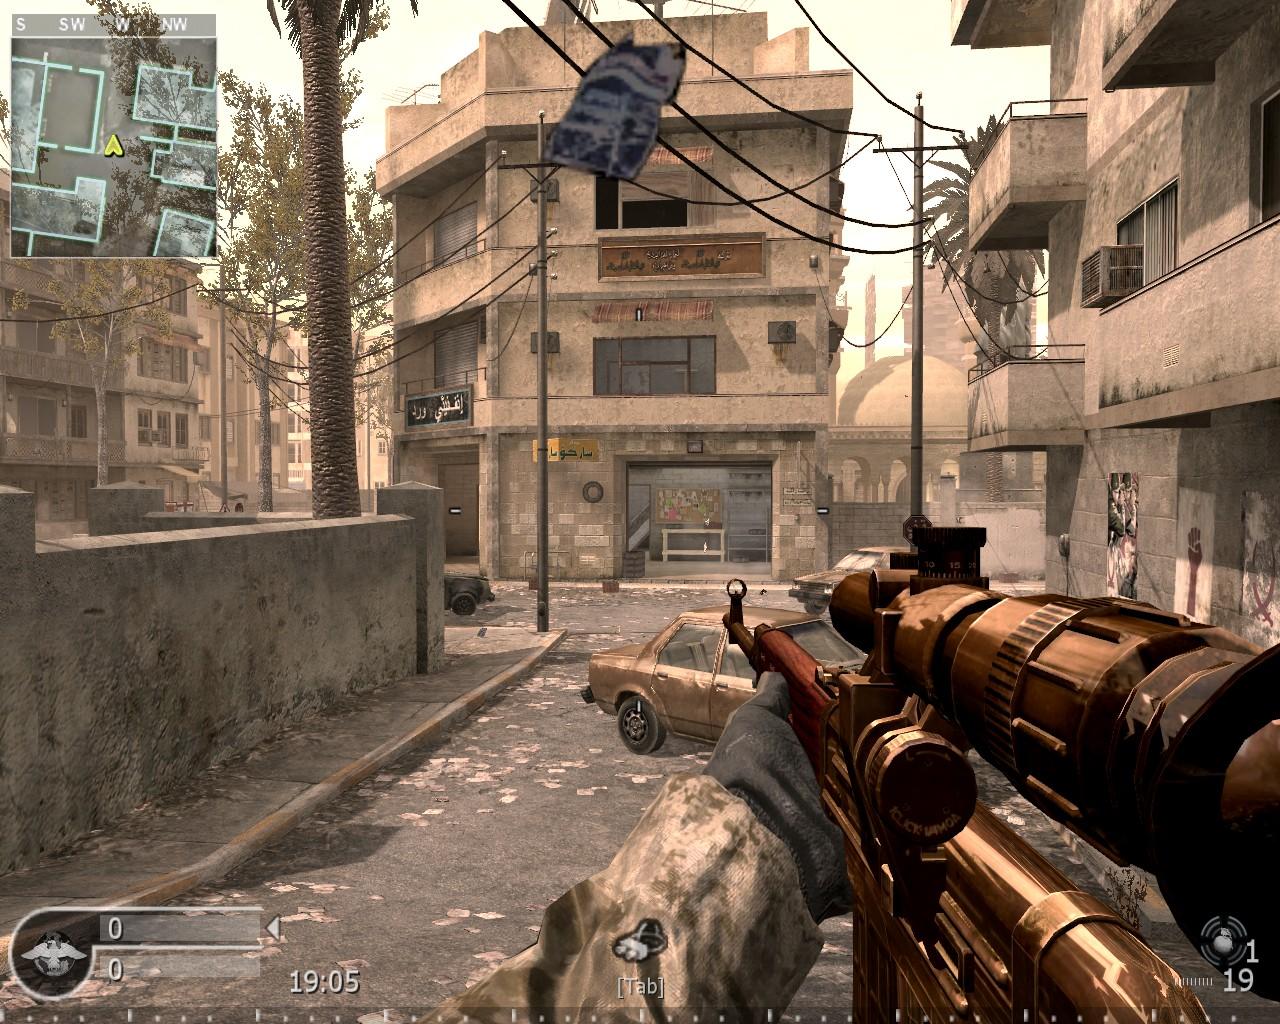 Call of duty 4: modern warfare - open warfare 2 mod 143 by sledgehammer - mod creators